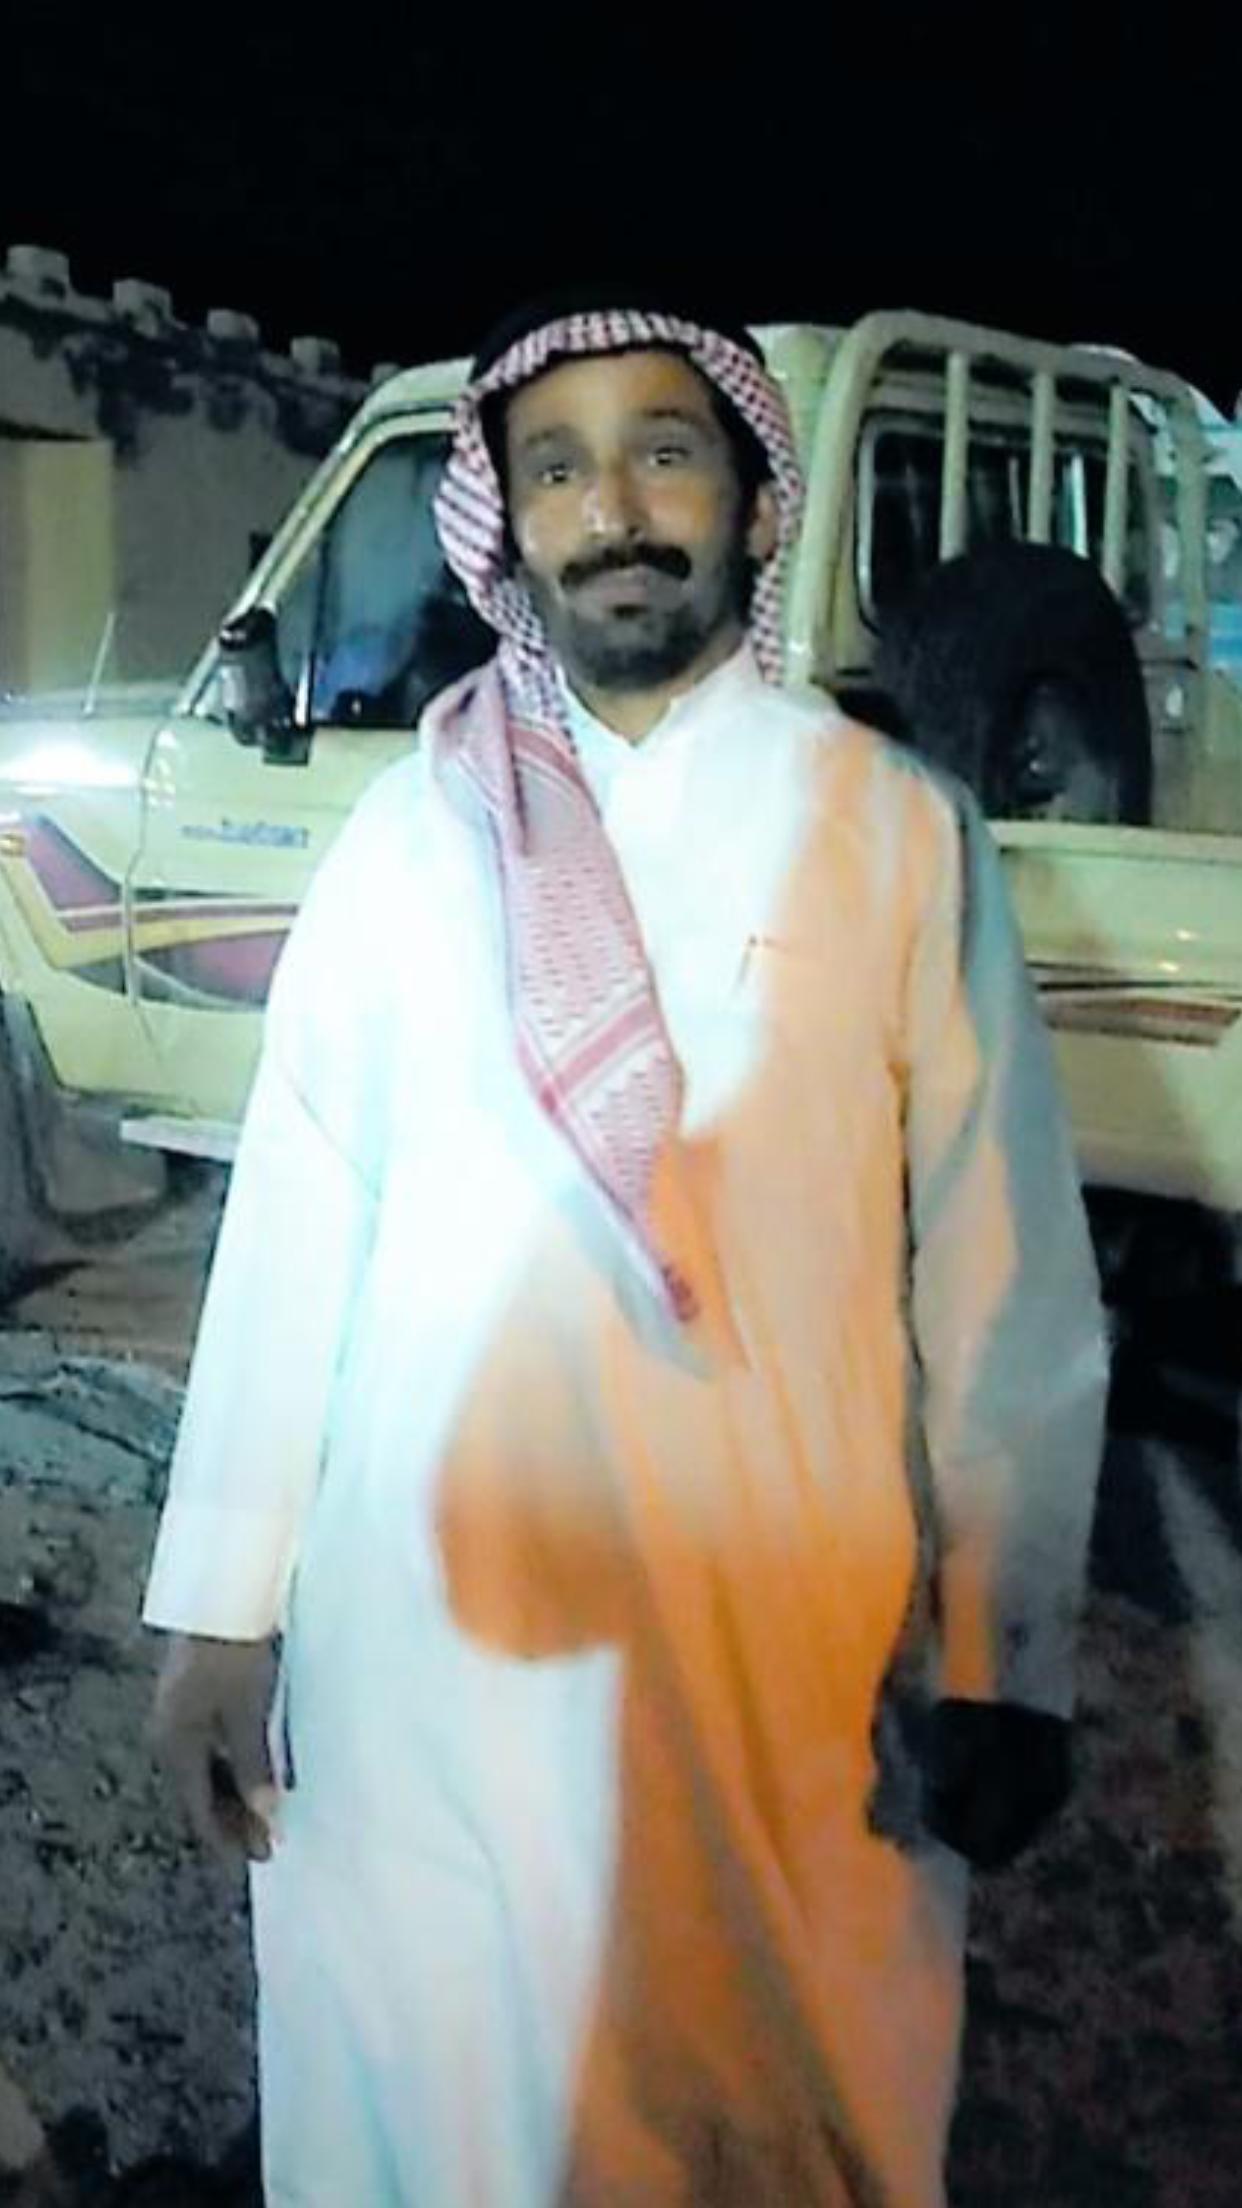 الشاب / حمدان فرج الجحم البلوي يحتفل بزواجه C762FA4B 59C2 446D B93B 82194E849804